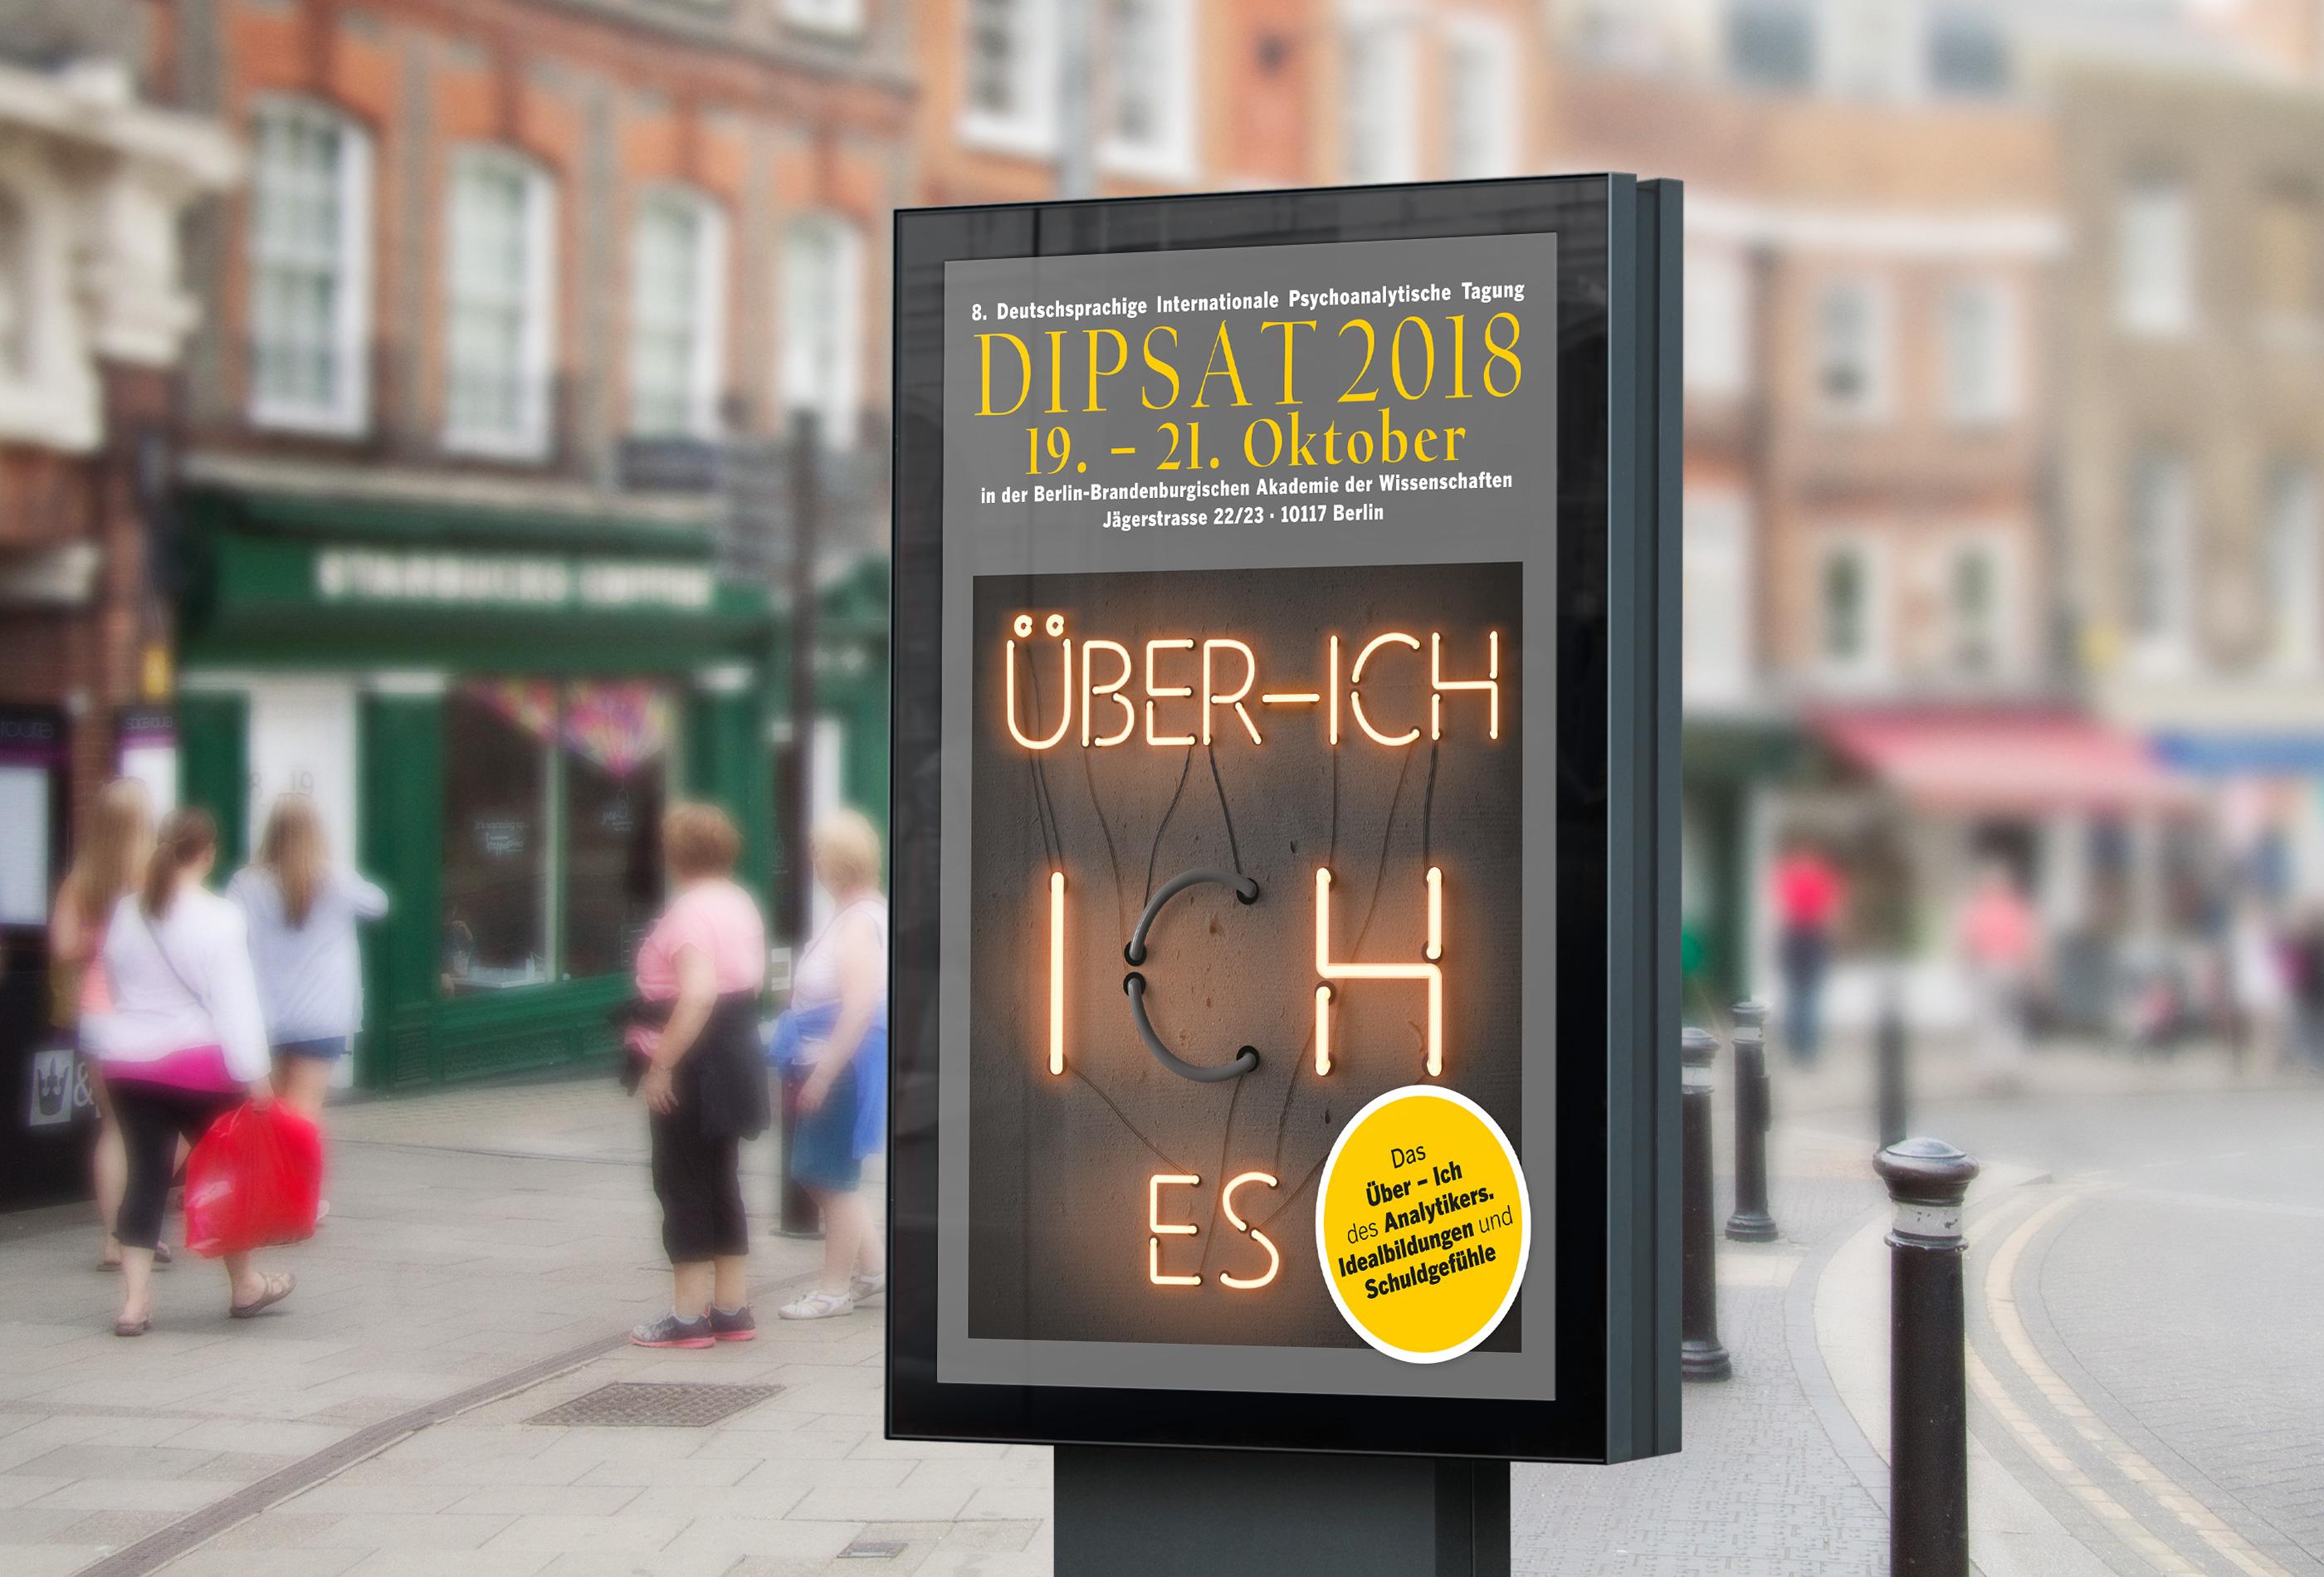 Planung Entwicklung und Konzeption Werbekampagne Plakate Titelblattgestaltung Agentur für Marketing & Design Werbeagentur Berlin Außenwerbung Ideenentwicklung